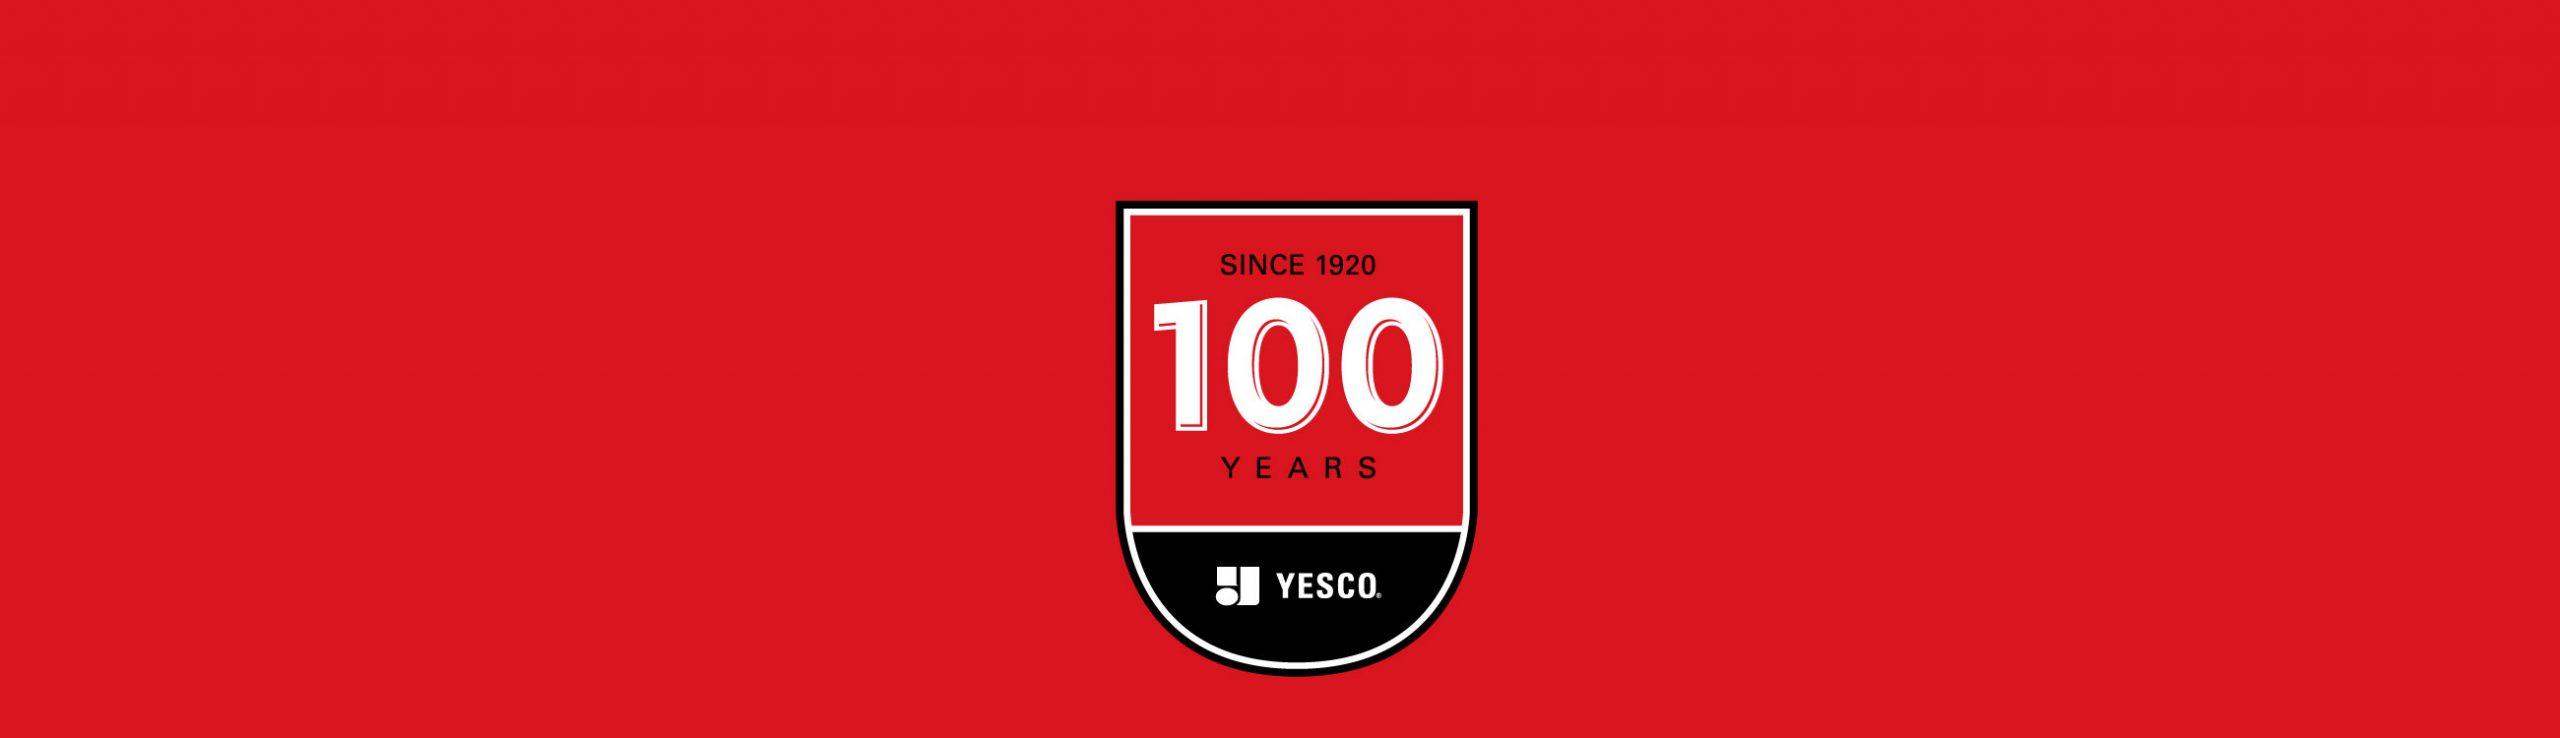 YESCO_100-Years-Banner_2600x750